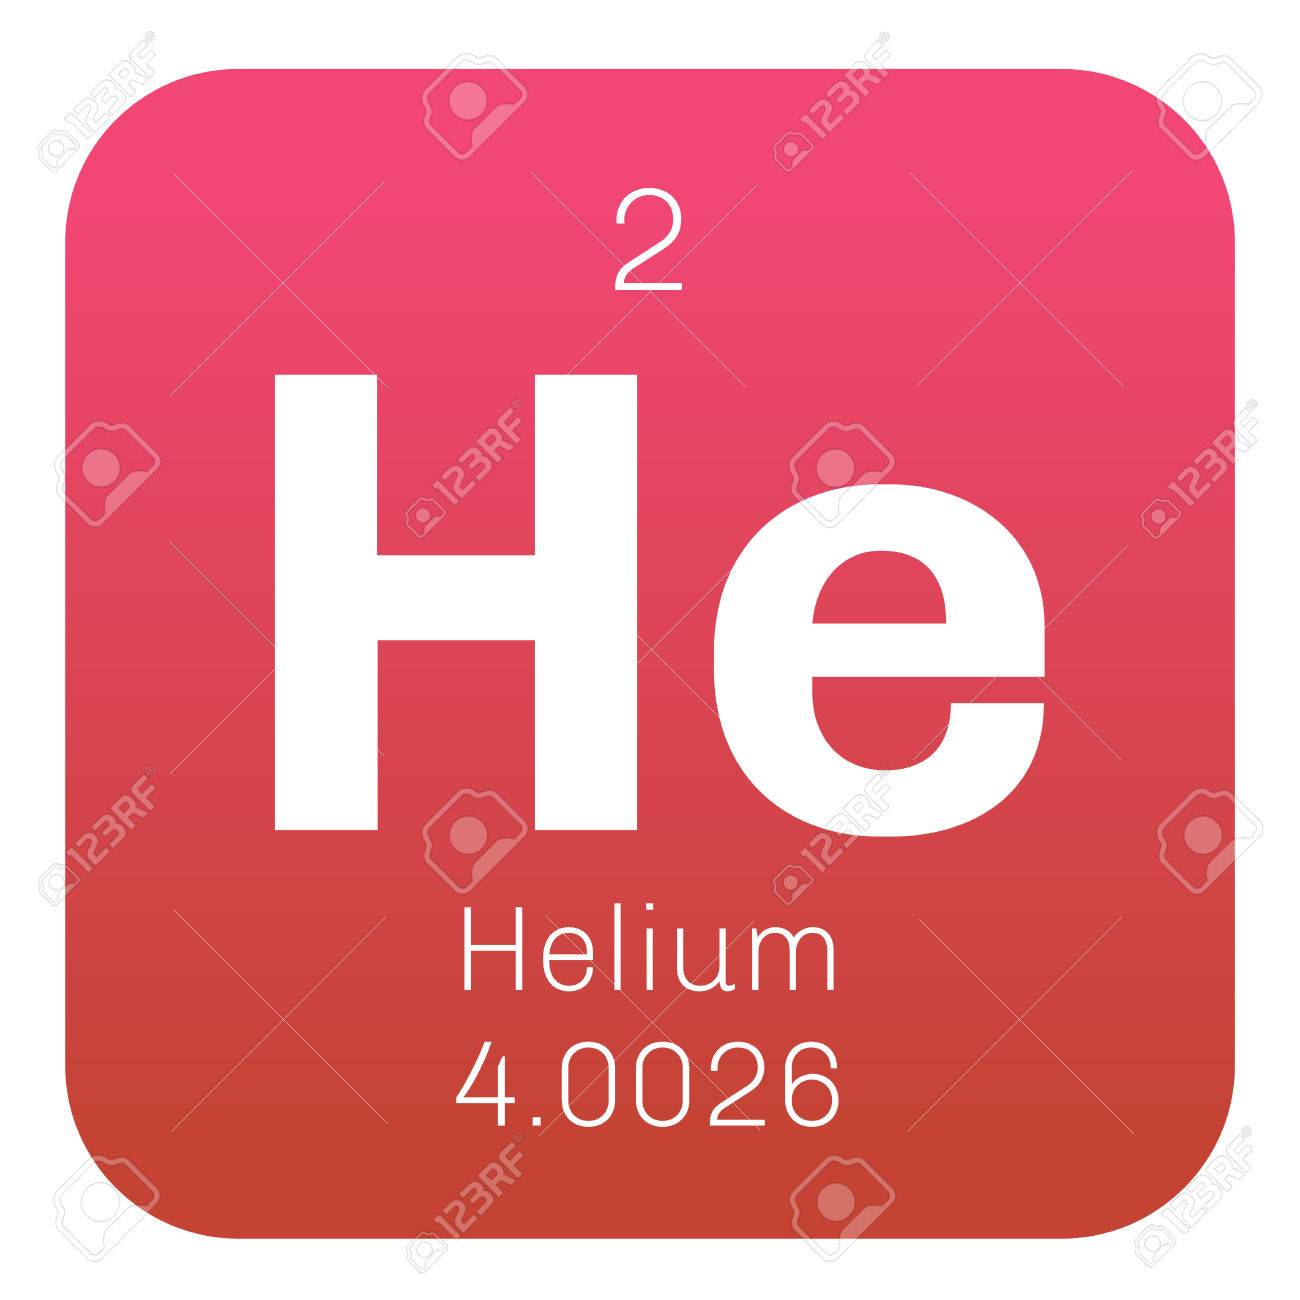 Elemento qumico helio el helio es un gas incoloro inodoro elemento qumico helio el helio es un gas incoloro inodoro inspido no urtaz Choice Image